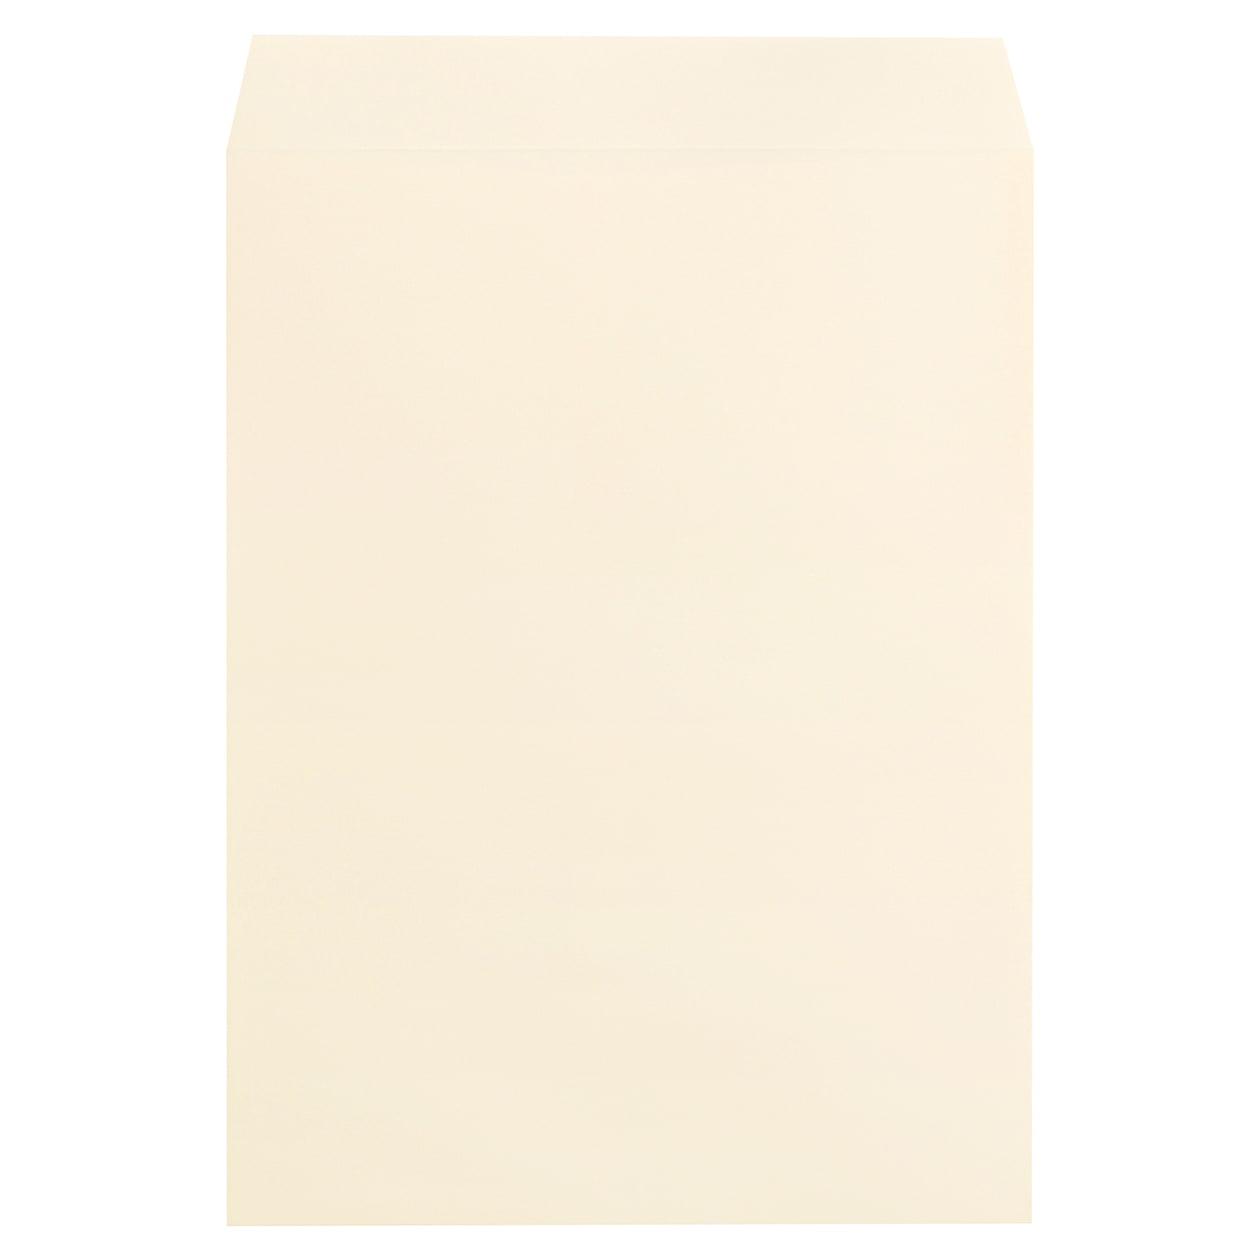 角0封筒 コットン ナチュラル 116.3g センター貼